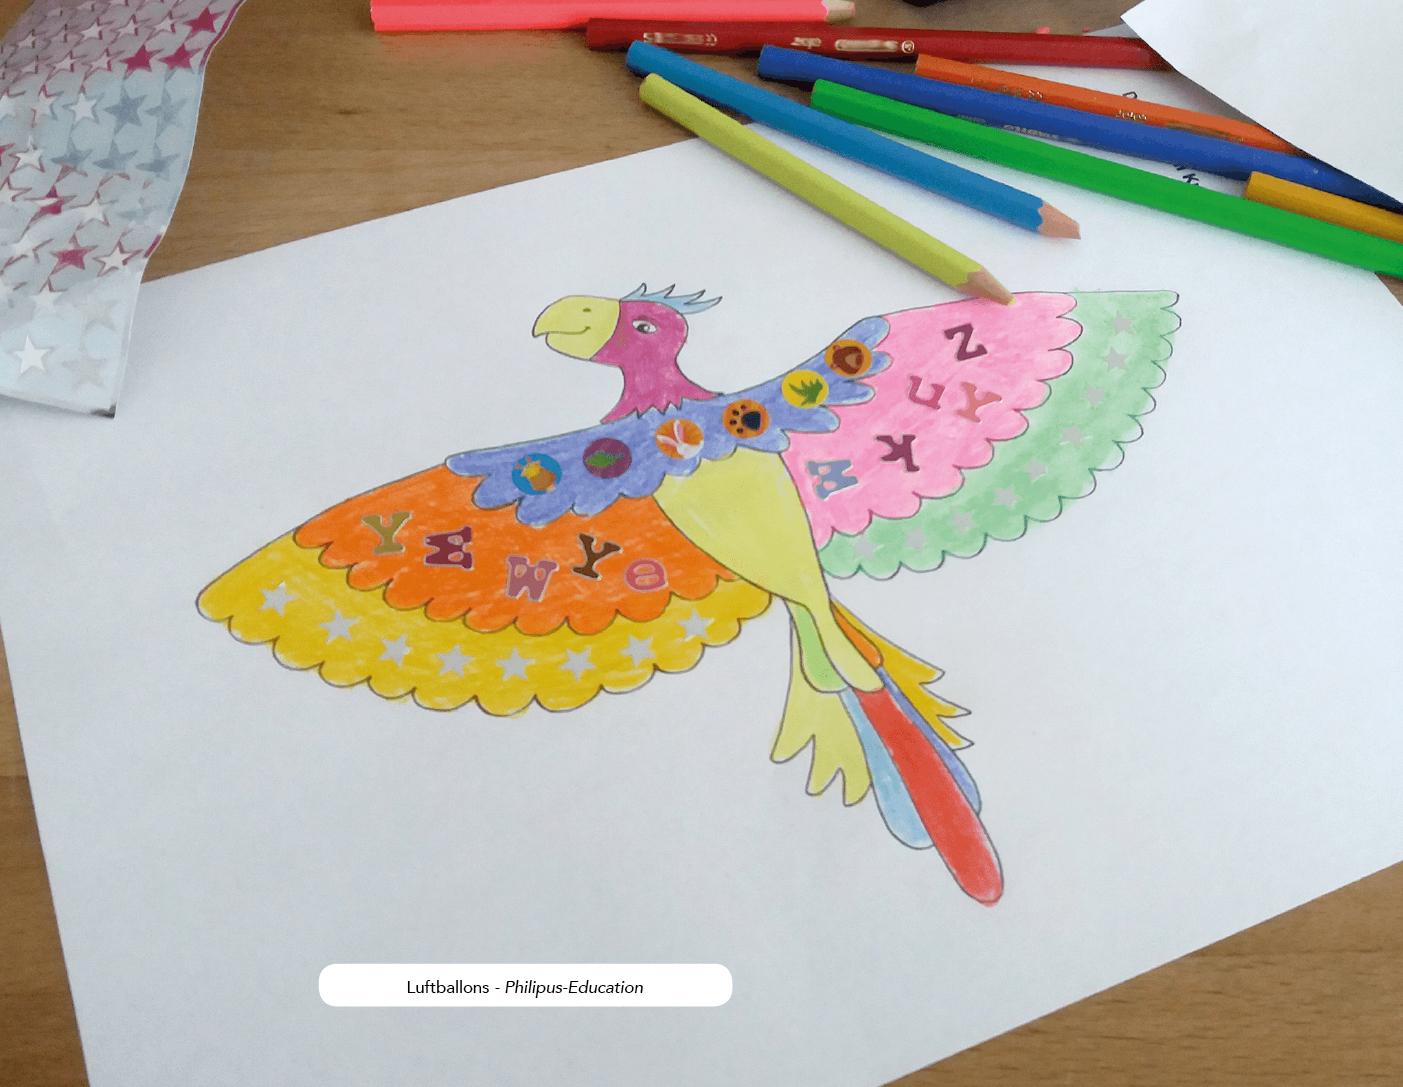 Den Papagei individuell gestalten, z. Bsp. mit Buntstiften und Aufklebern